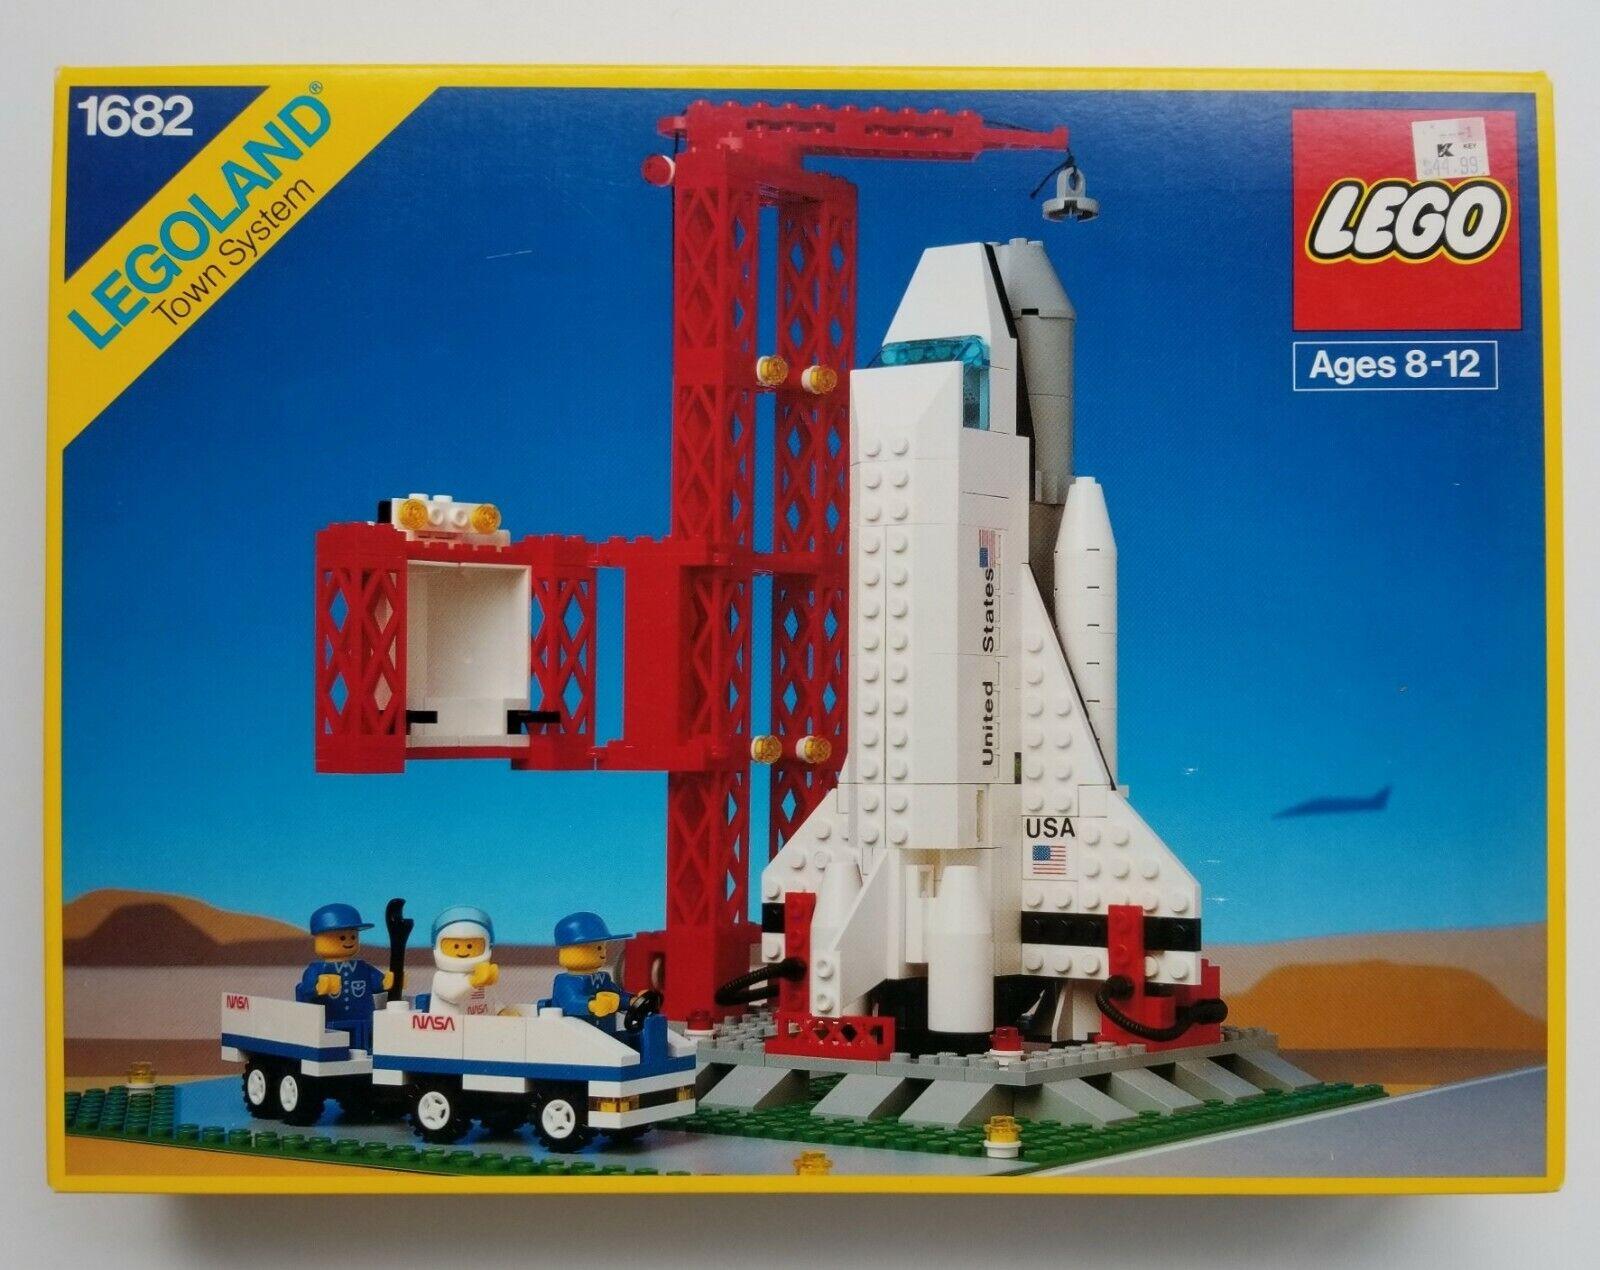 Lego 1682 vintage navette spatiale-Années 1990-Neuf, Scellée, Neuf dans sa  boîte  mode